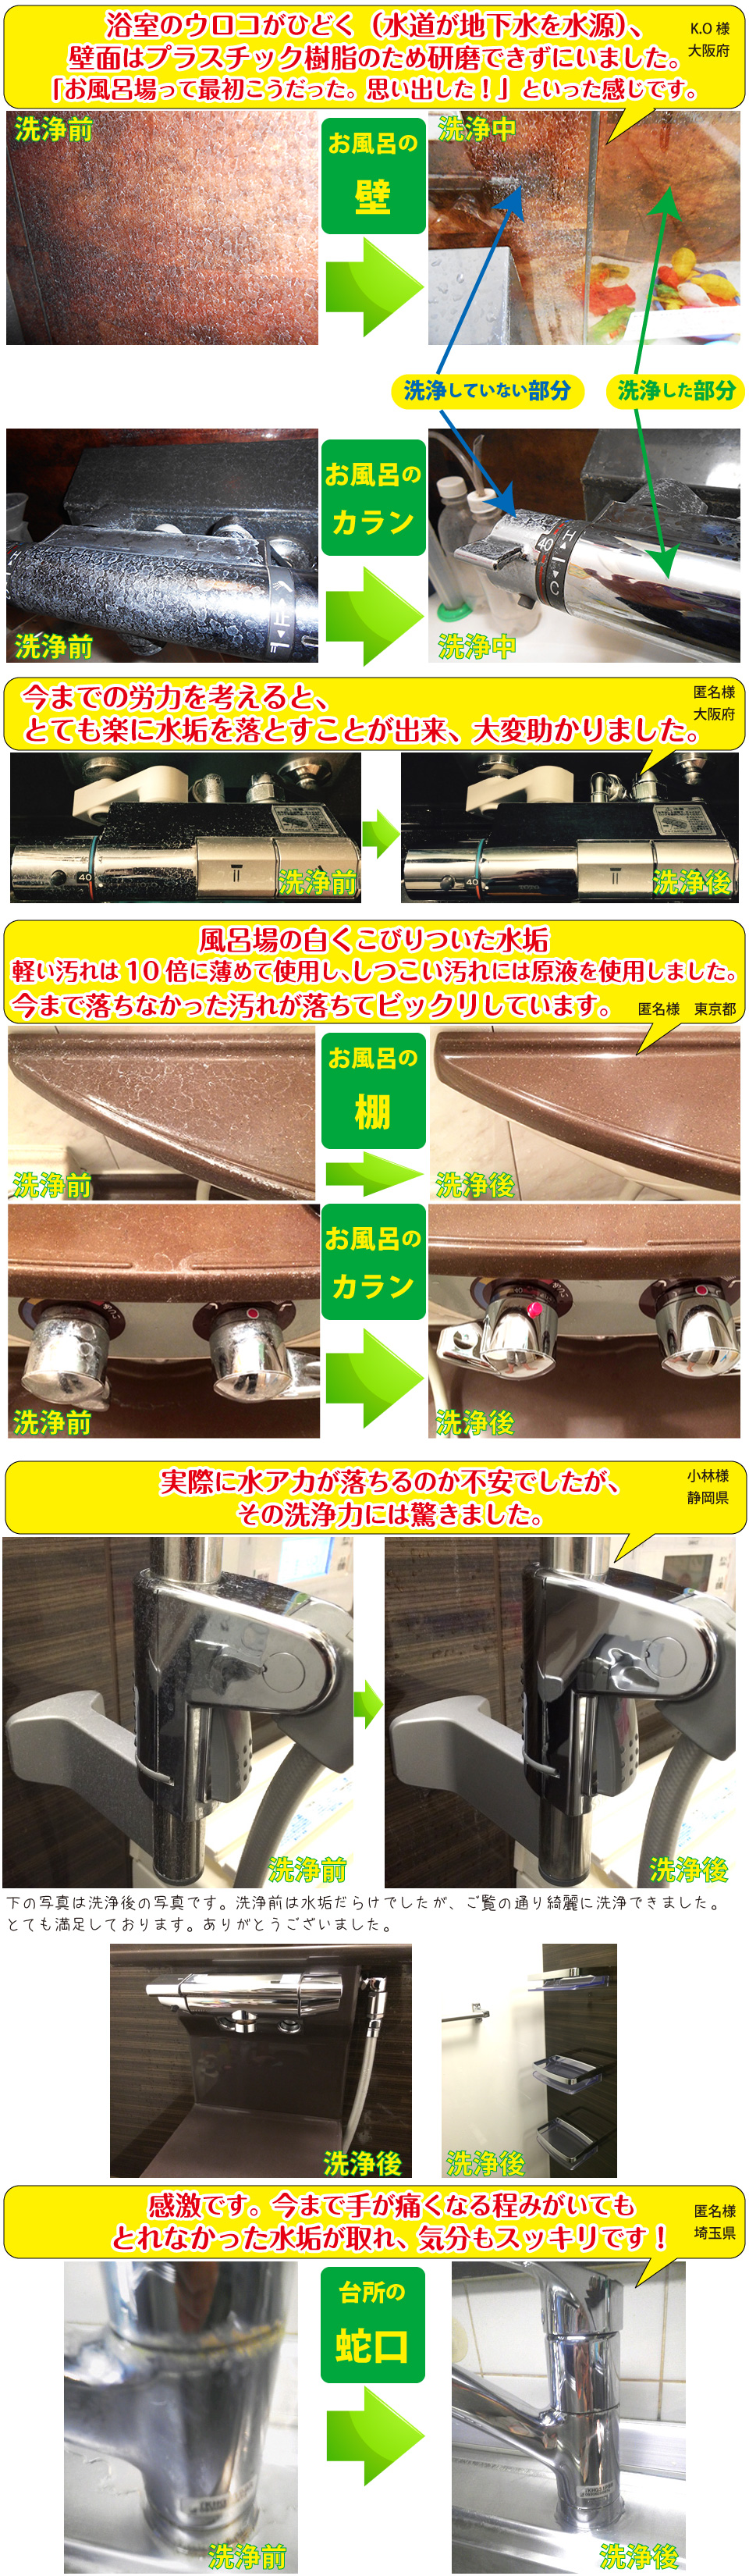 水垢落とし洗剤ご利用のお声3